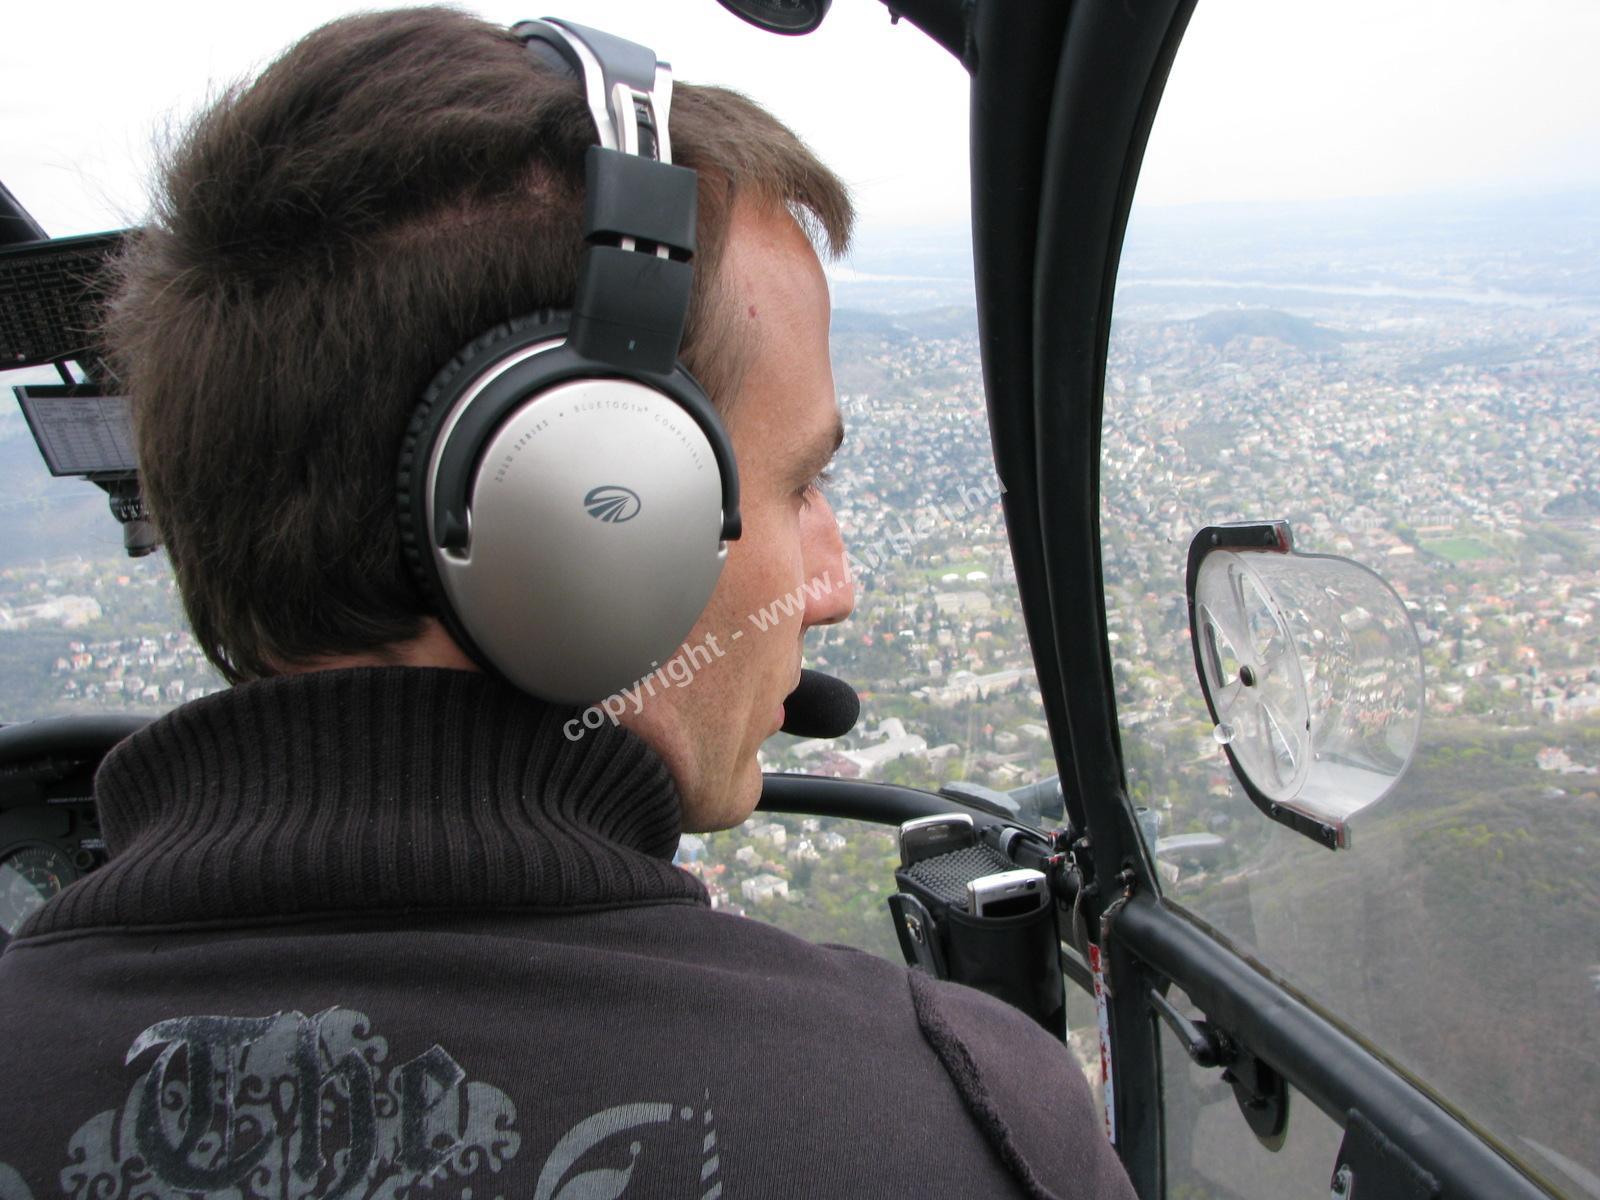 Szombati szülinapi repülés, 2010. április: helikopter pilota